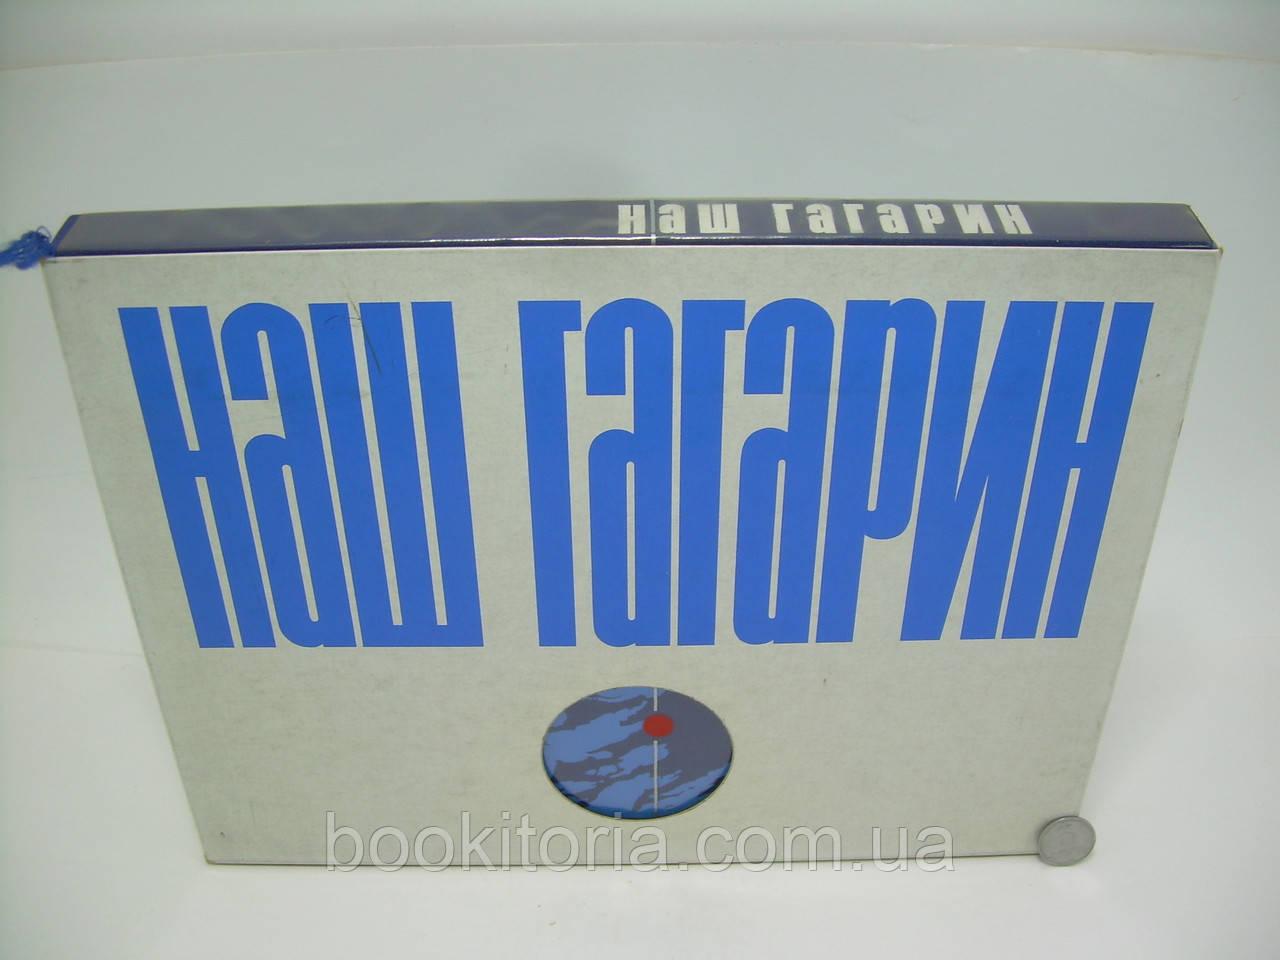 Голованов Я. Наш Гагарин. Книга о первом космонавте и земле, на которой он родился (б/у).